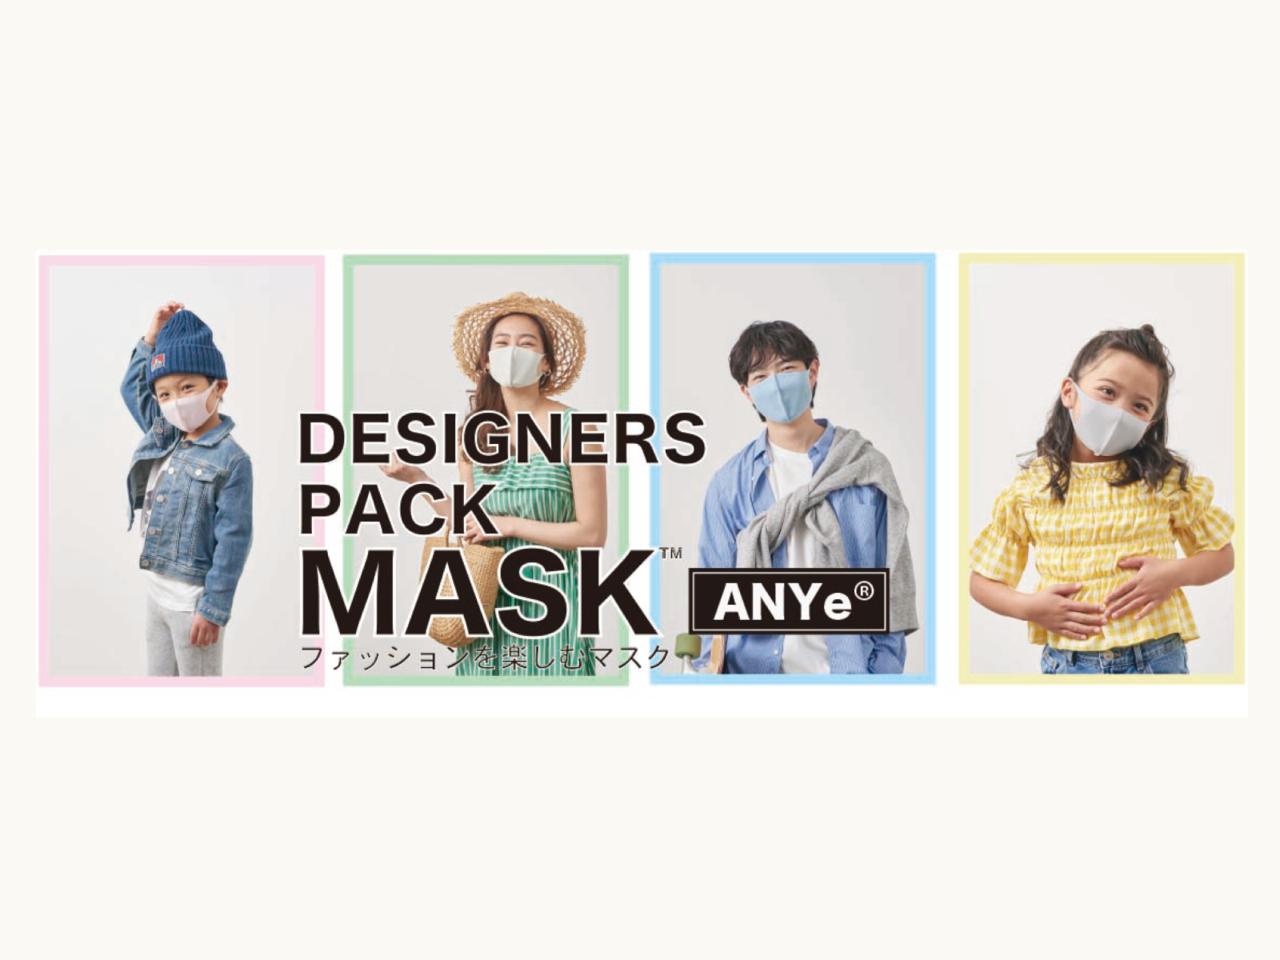 持続冷感・ダブル抗菌・防臭&消臭を兼ね備えたファッションマスク「新